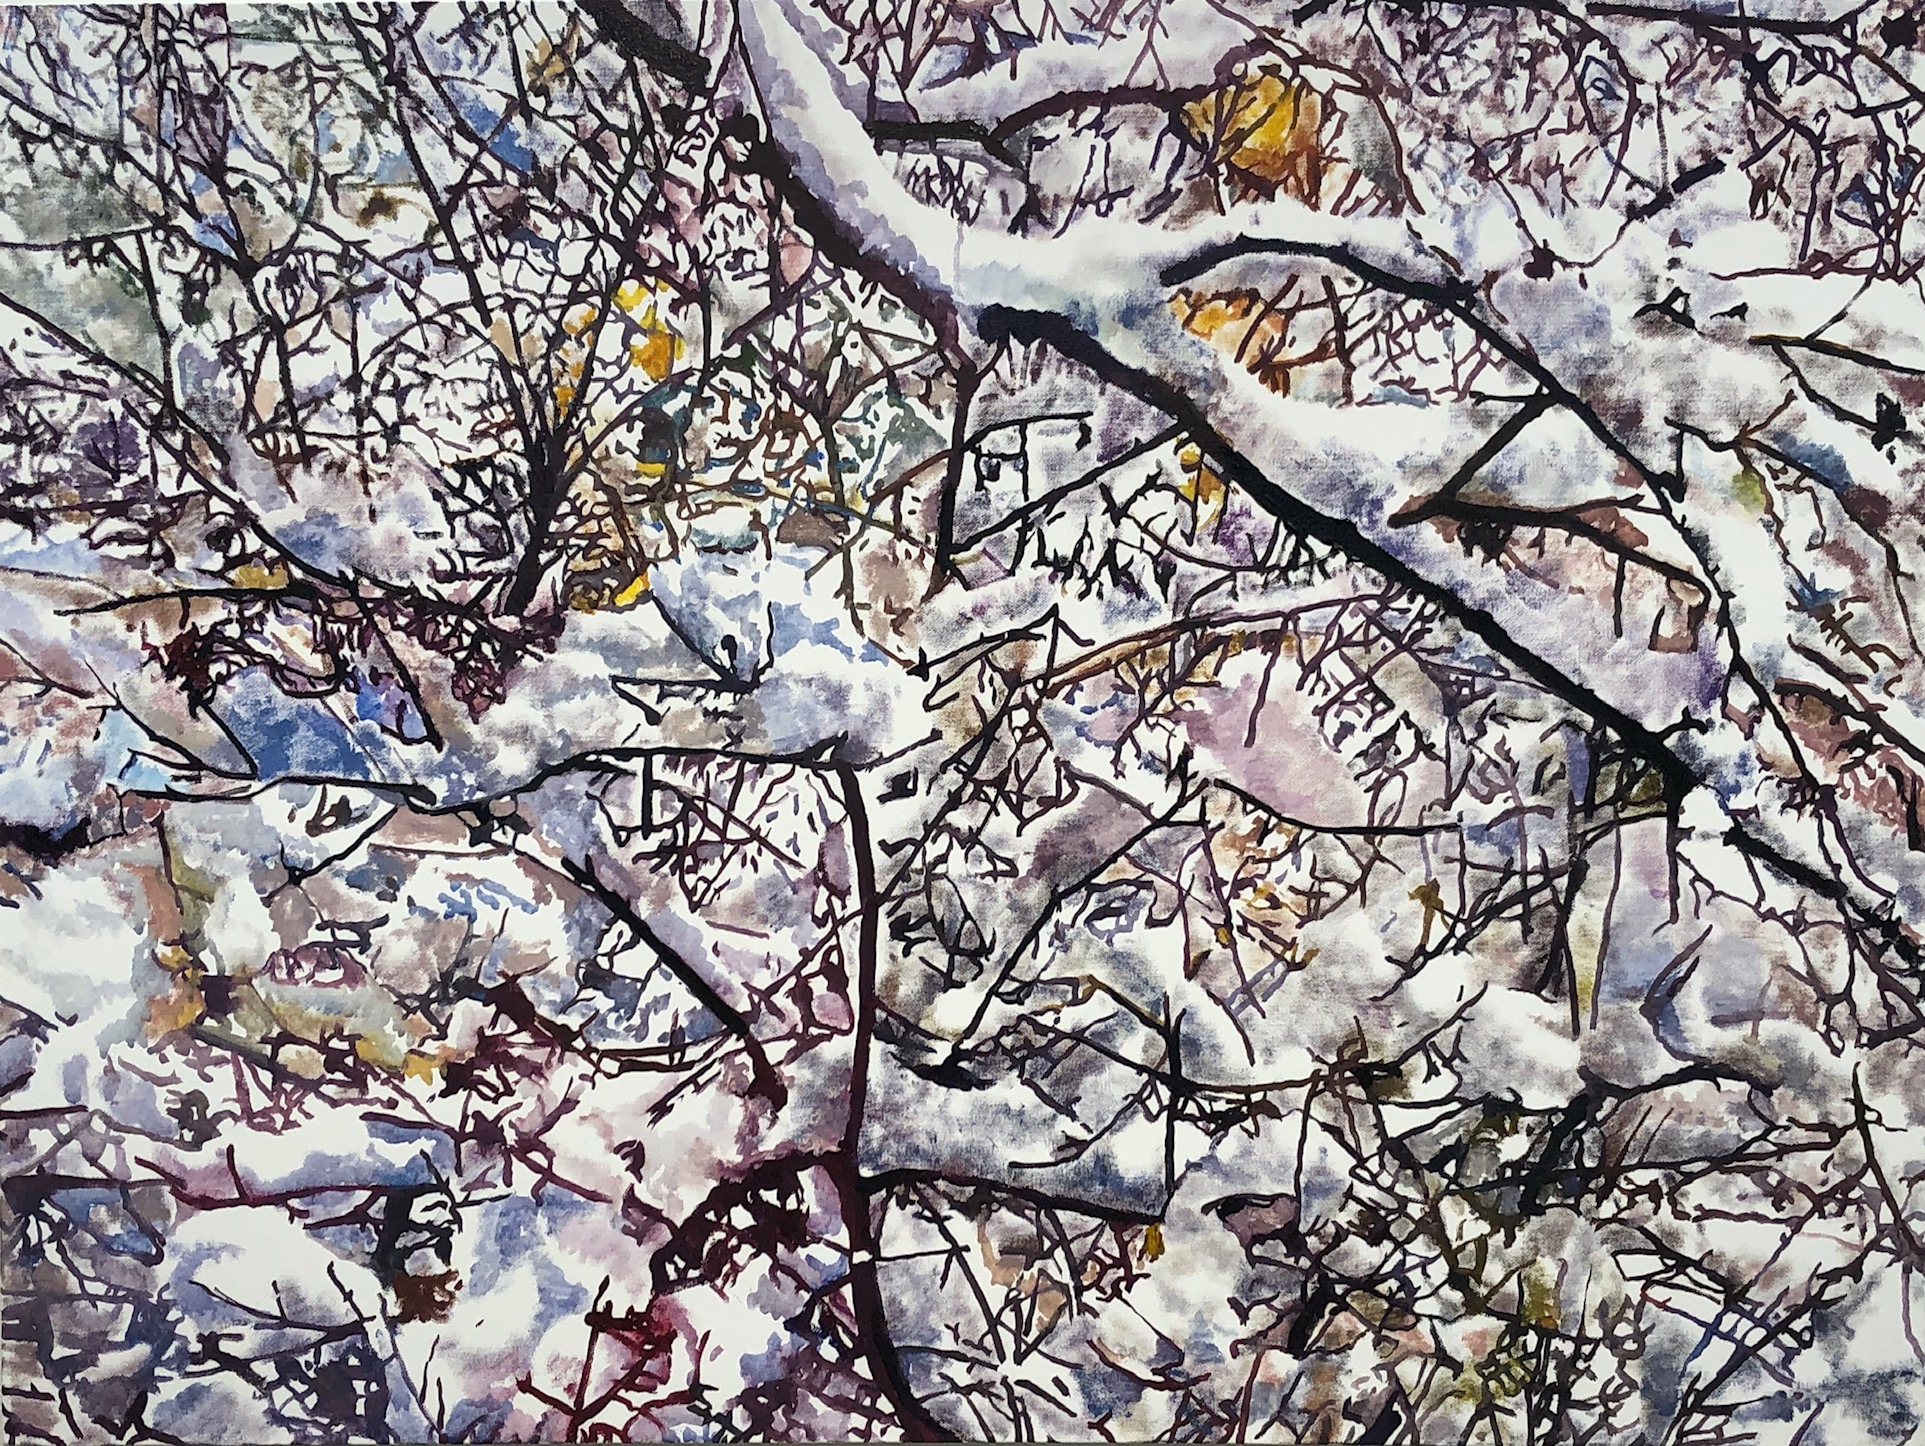 Kesler Woodward: Birch Trees